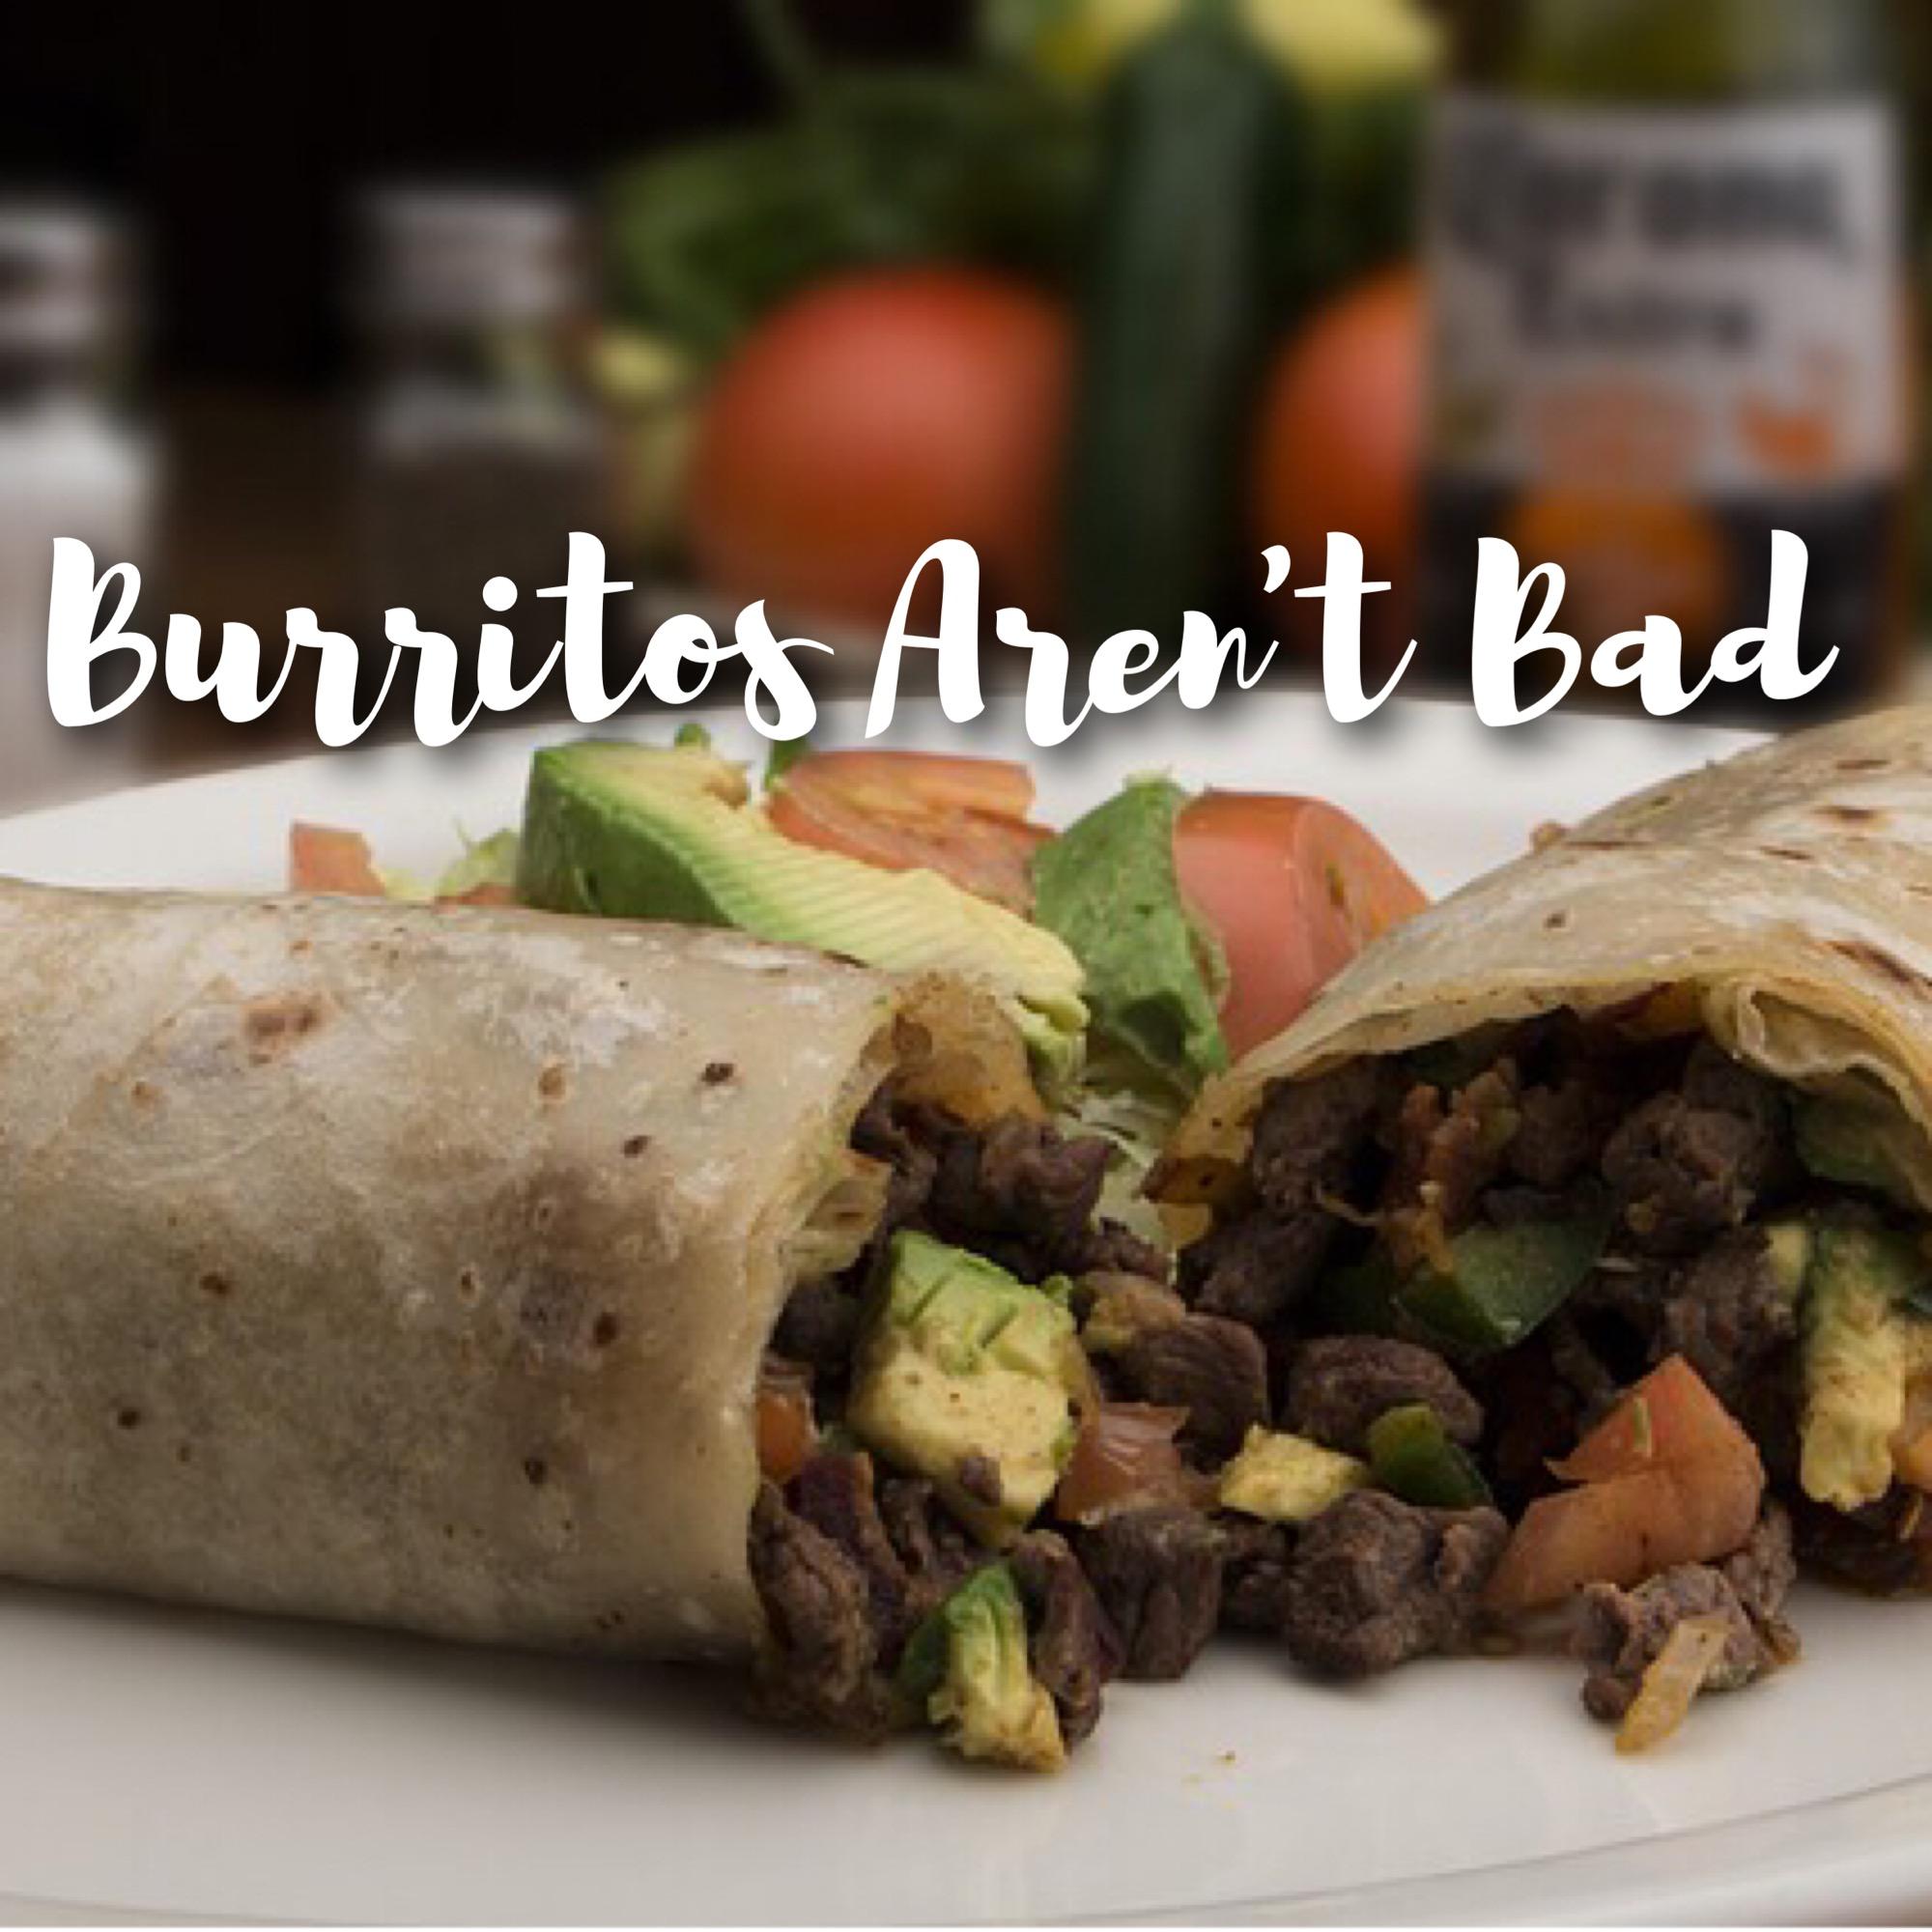 Burritos Aren't Bad